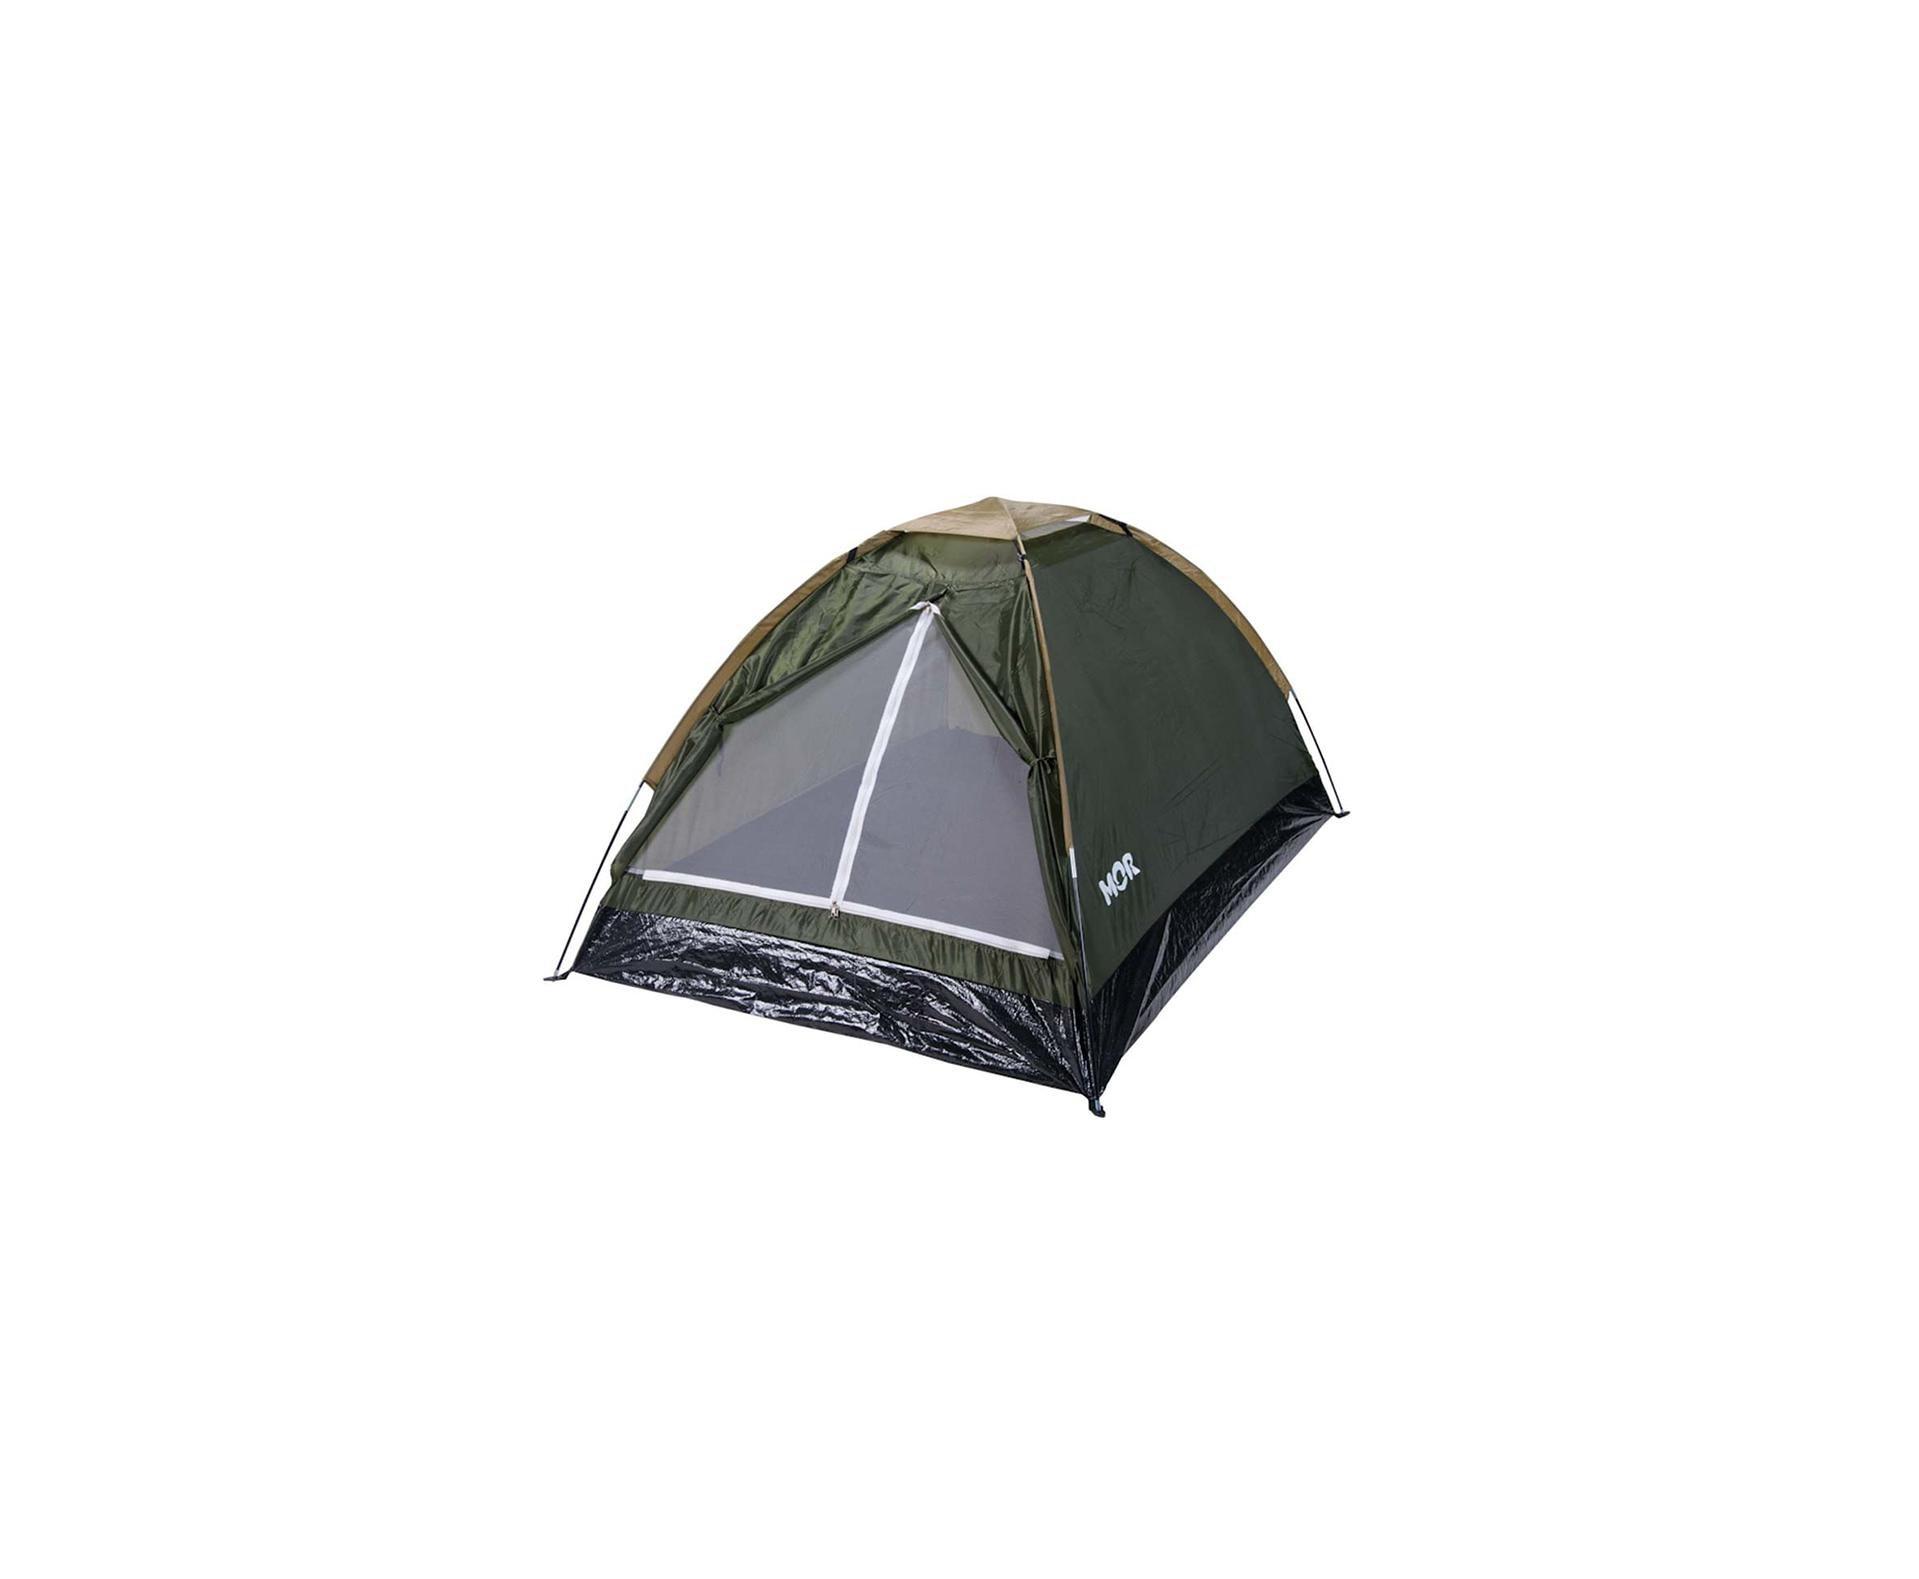 Barraca Camping Iglu 2 Pessoas Verde - Mor